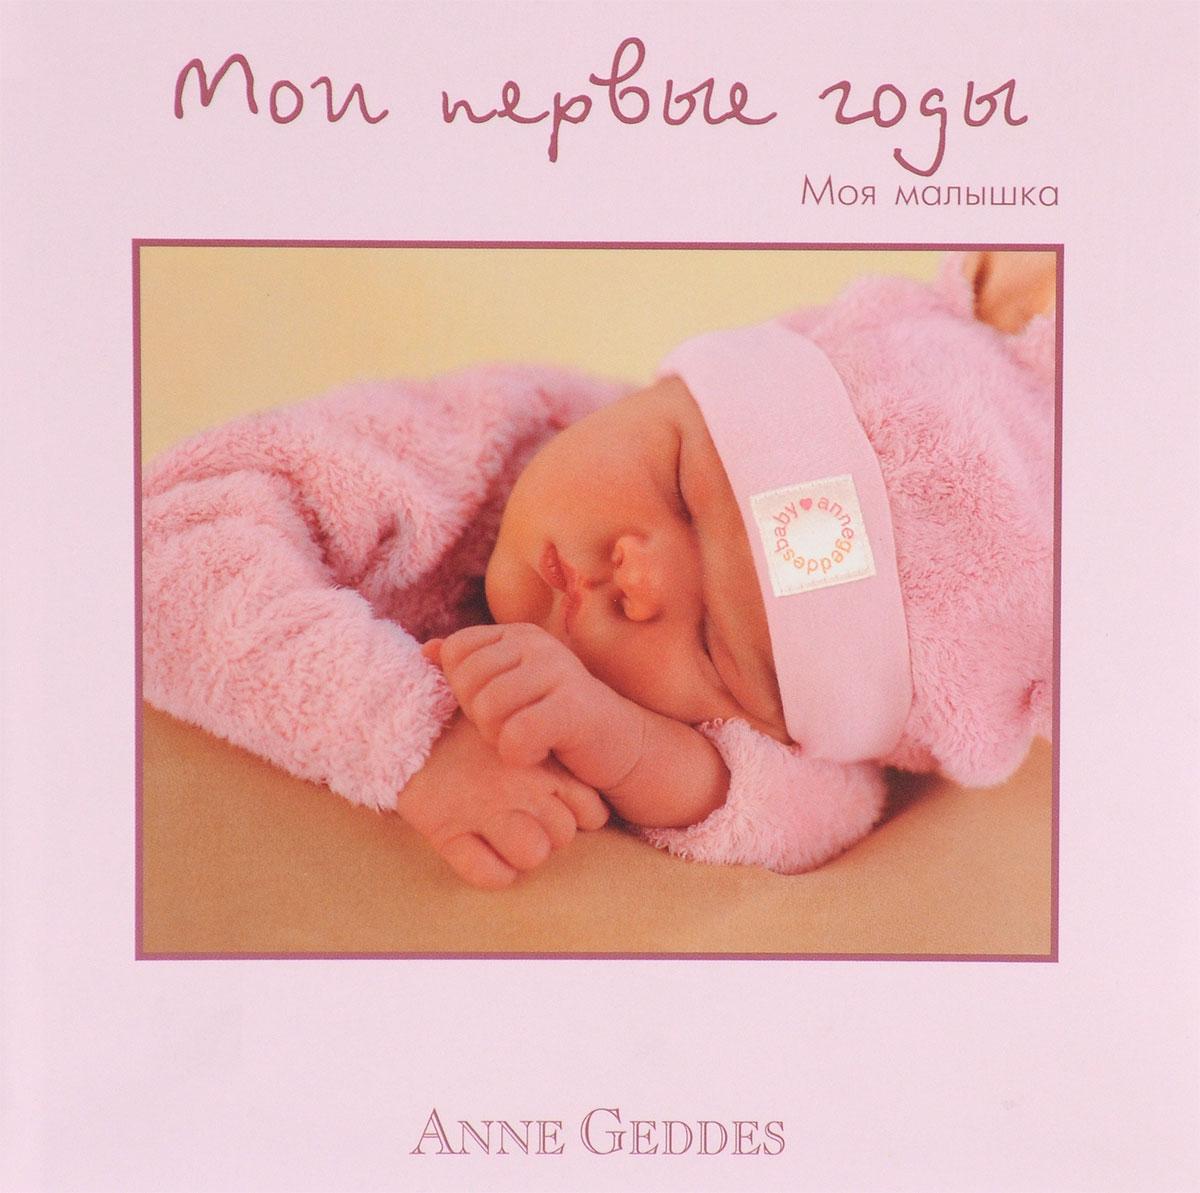 Фото - Анна Геддес Мои первые годы. Моя малышка страницы воспоминаний о луговском